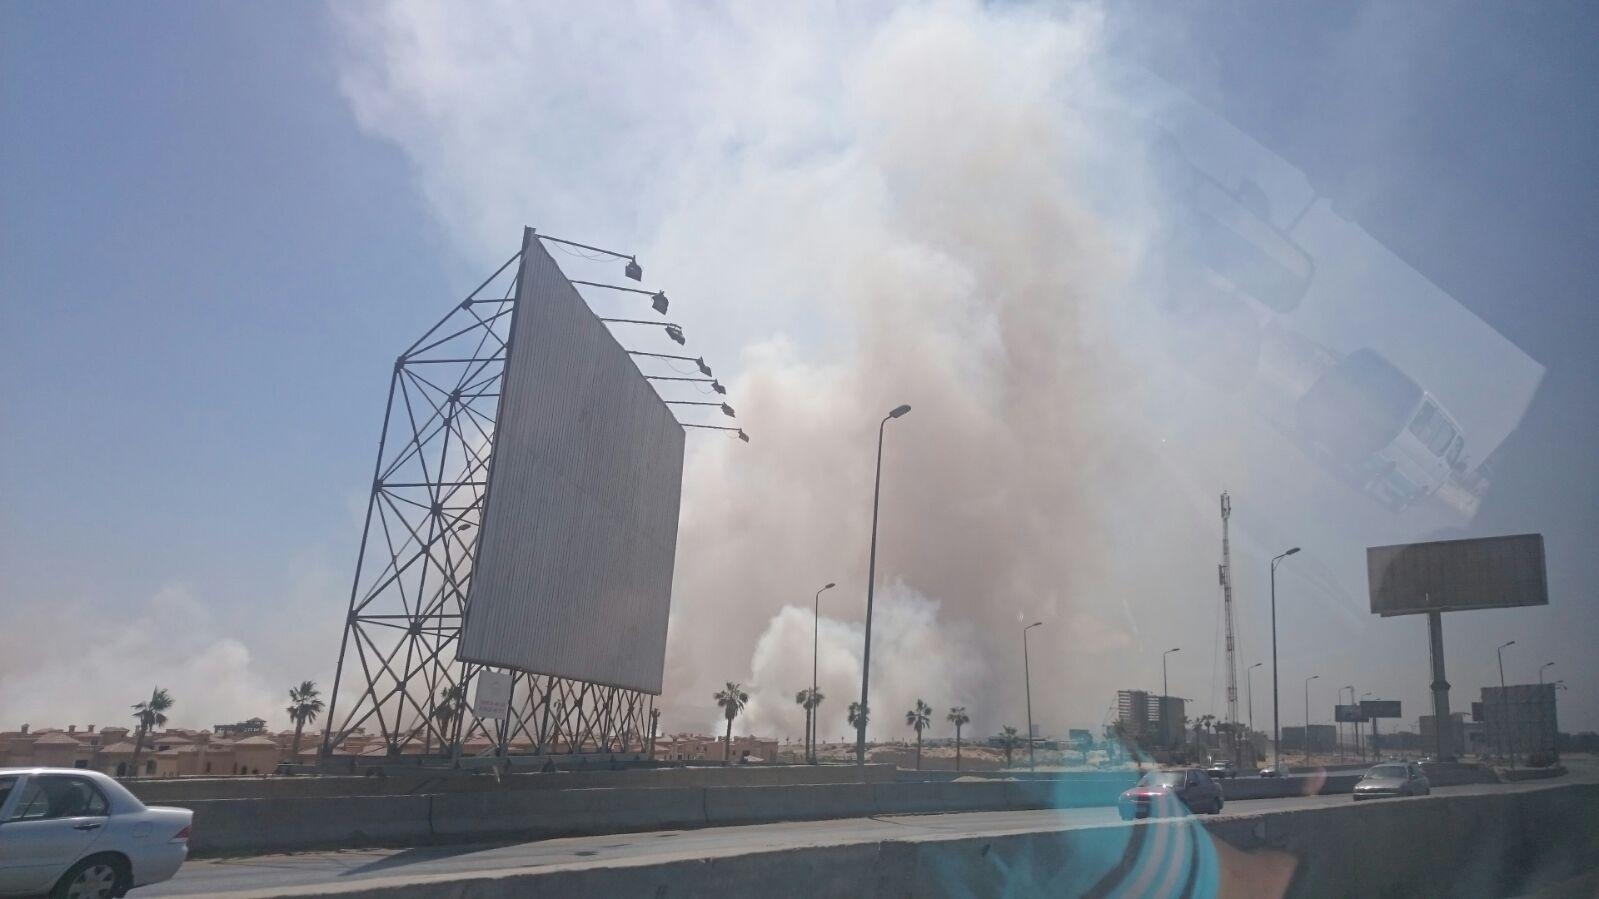 صور.. تصاعد سحب الدخان والأتربة نتيجة تفجير جبال قرب كارفور المعادي